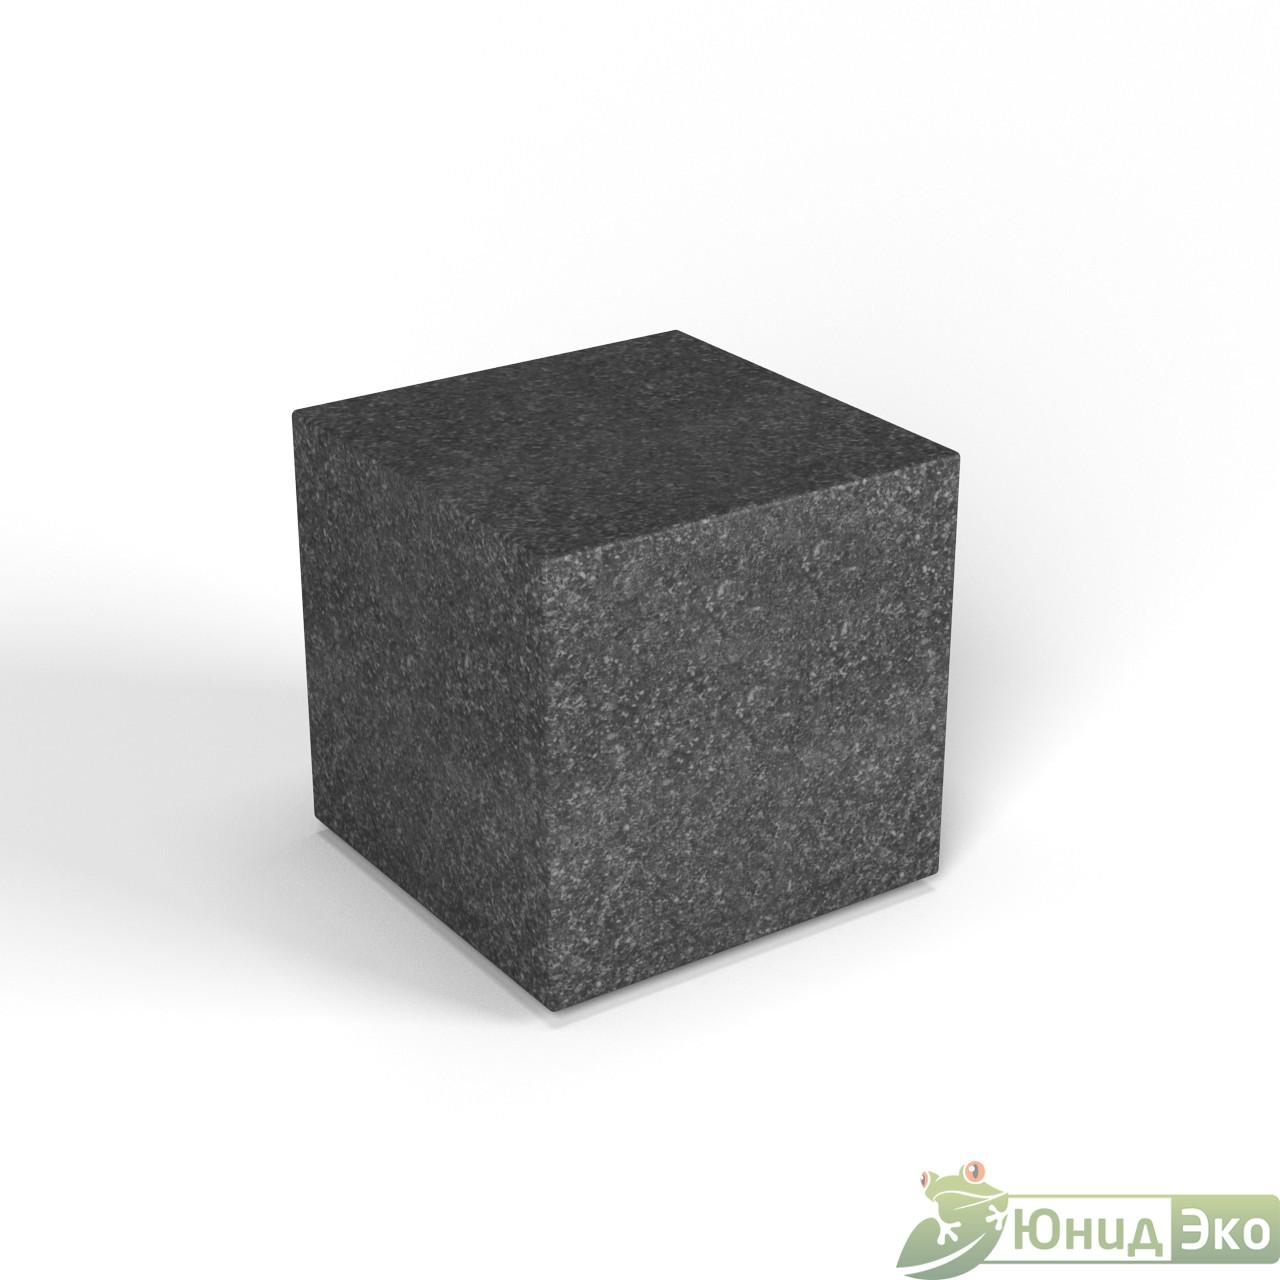 Декоративная фигура «Flox» Куб черный гранит